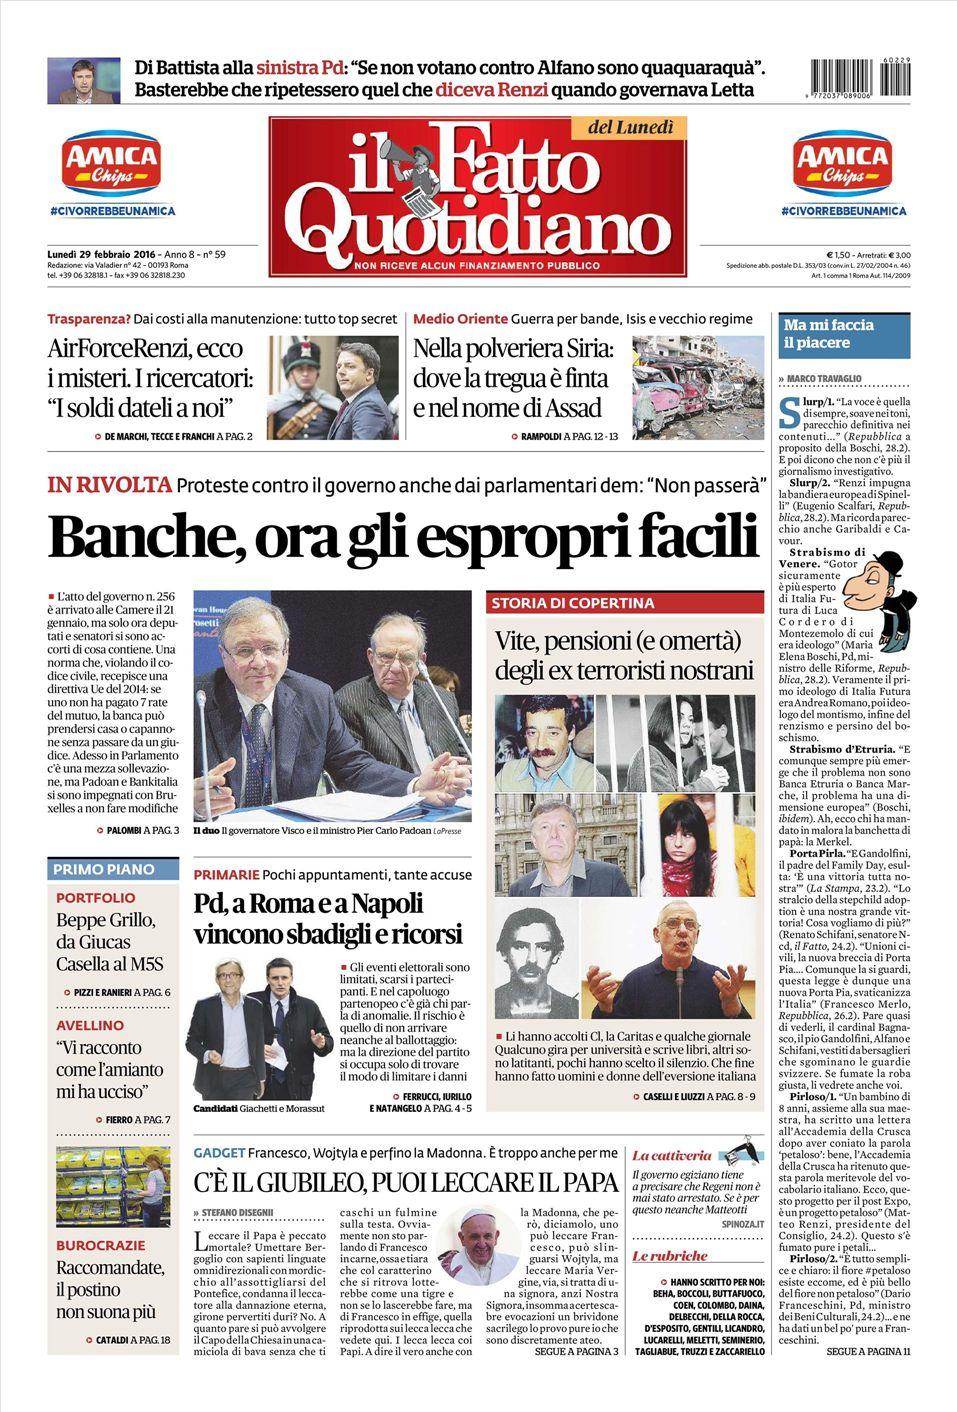 Le Prime Pagine Dei Quotidiani Che Sono In Edicola Oggi 29 Febbraio 2016 Secolo D Italia